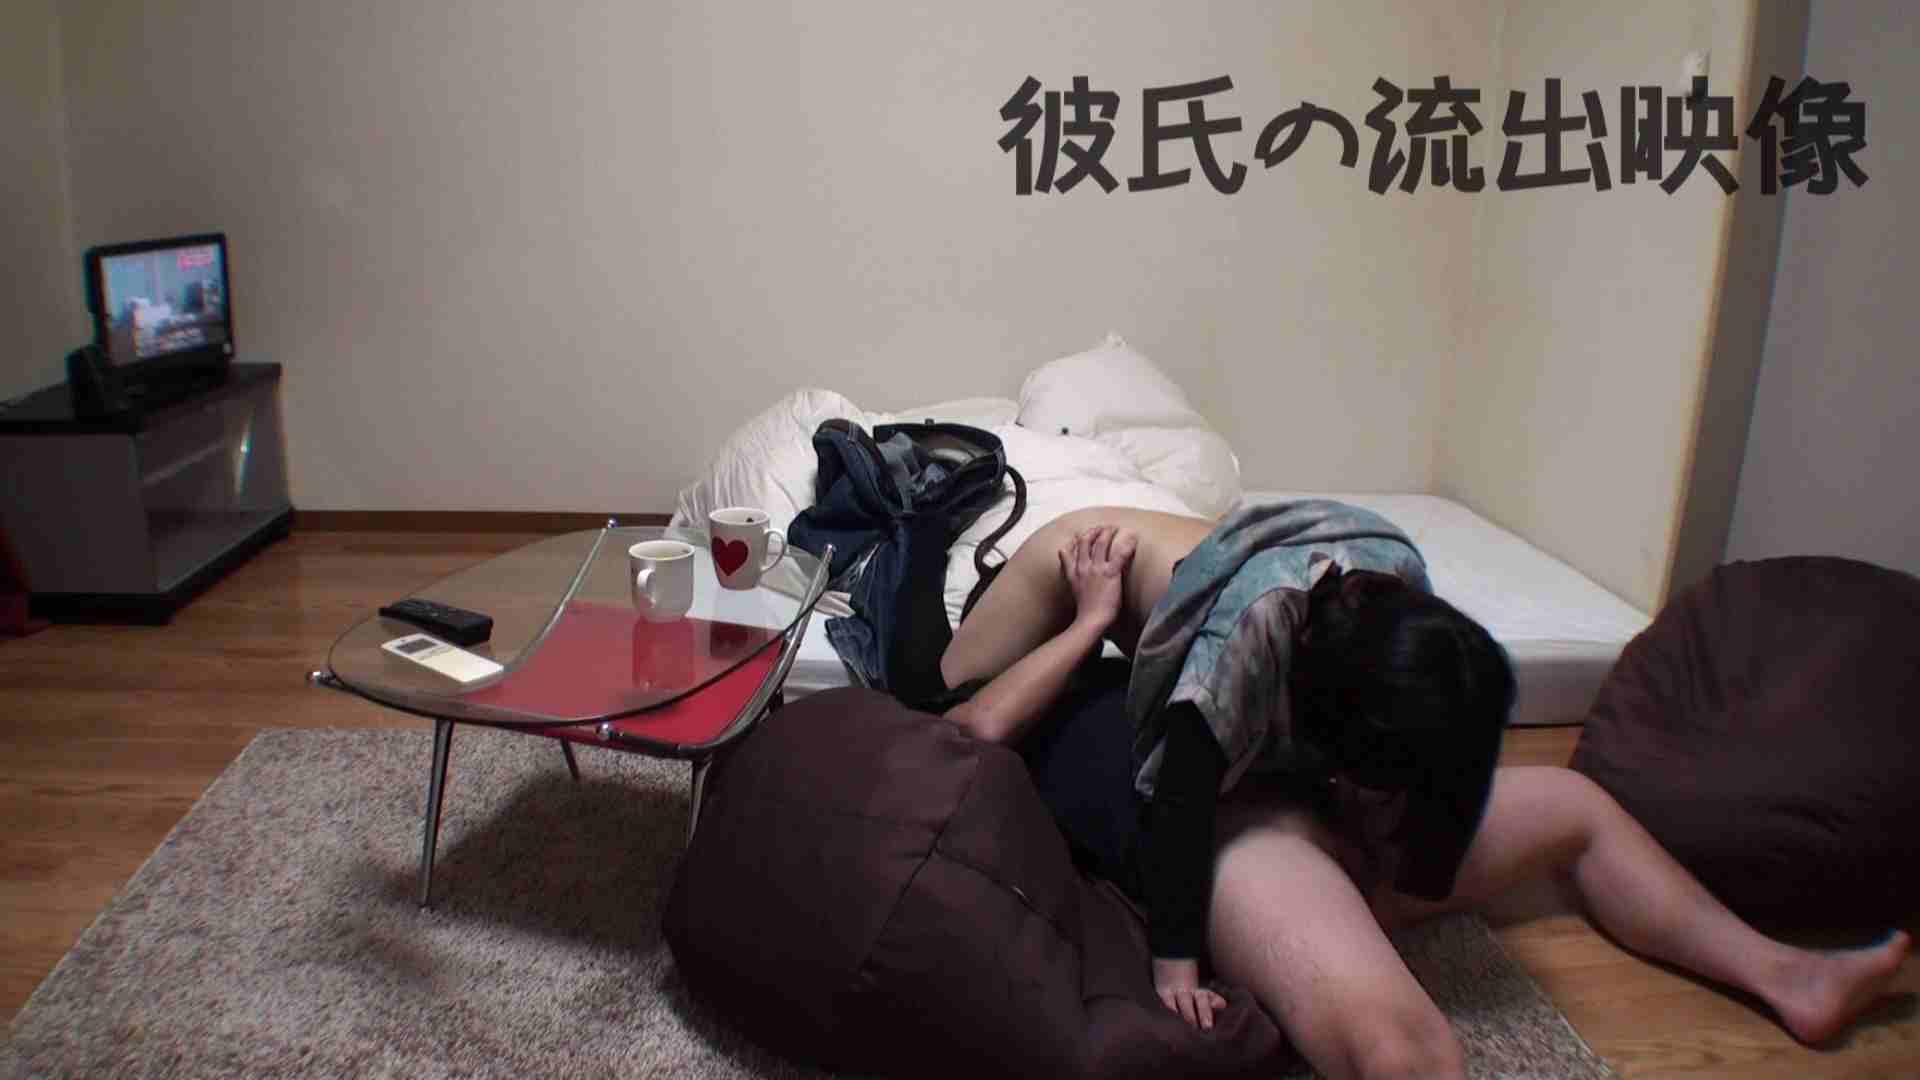 彼氏が流出 パイパン素人嬢のハメ撮り映像02 素人のぞき   一般投稿  46pic 31